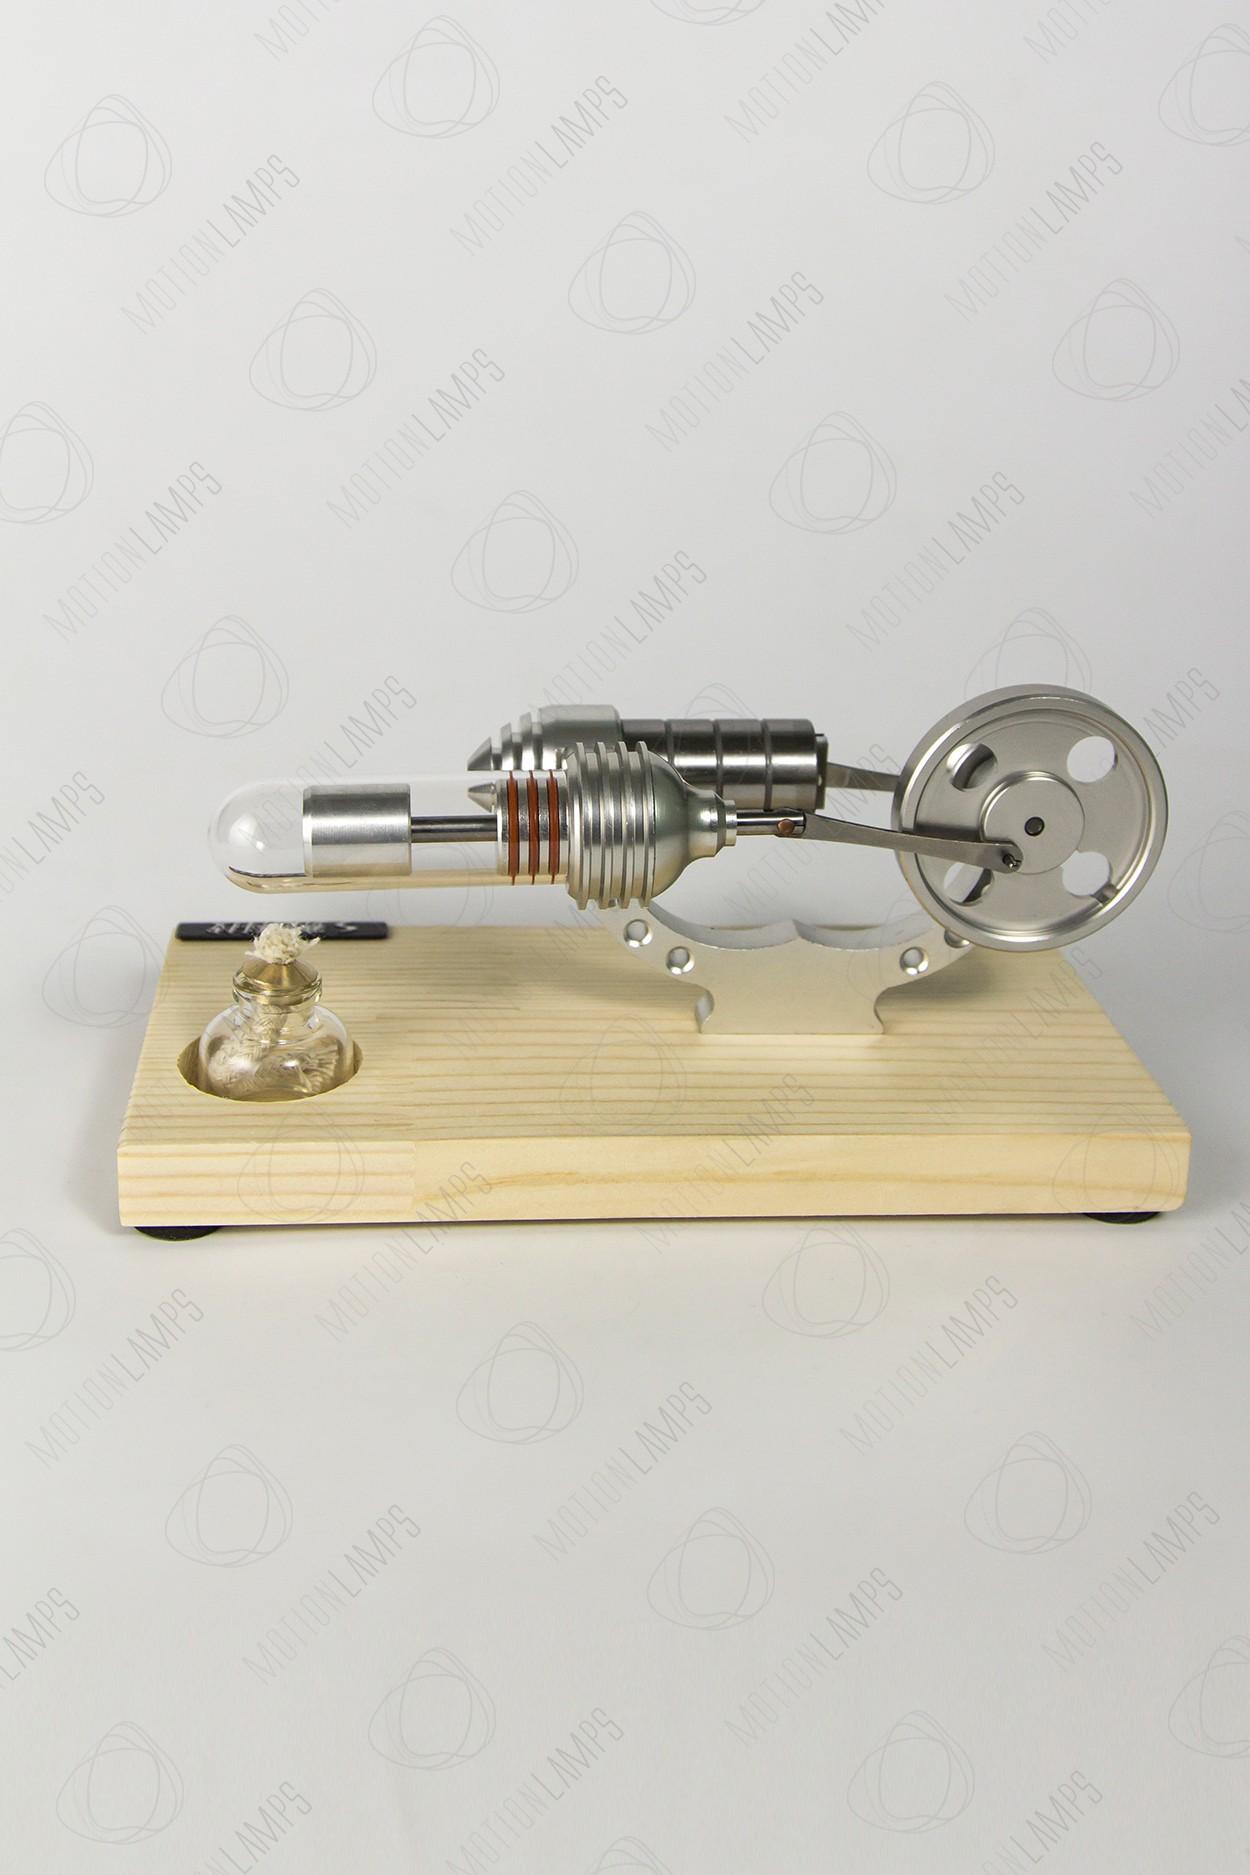 Двигатель Стирлинга на деревянной подставке - 2